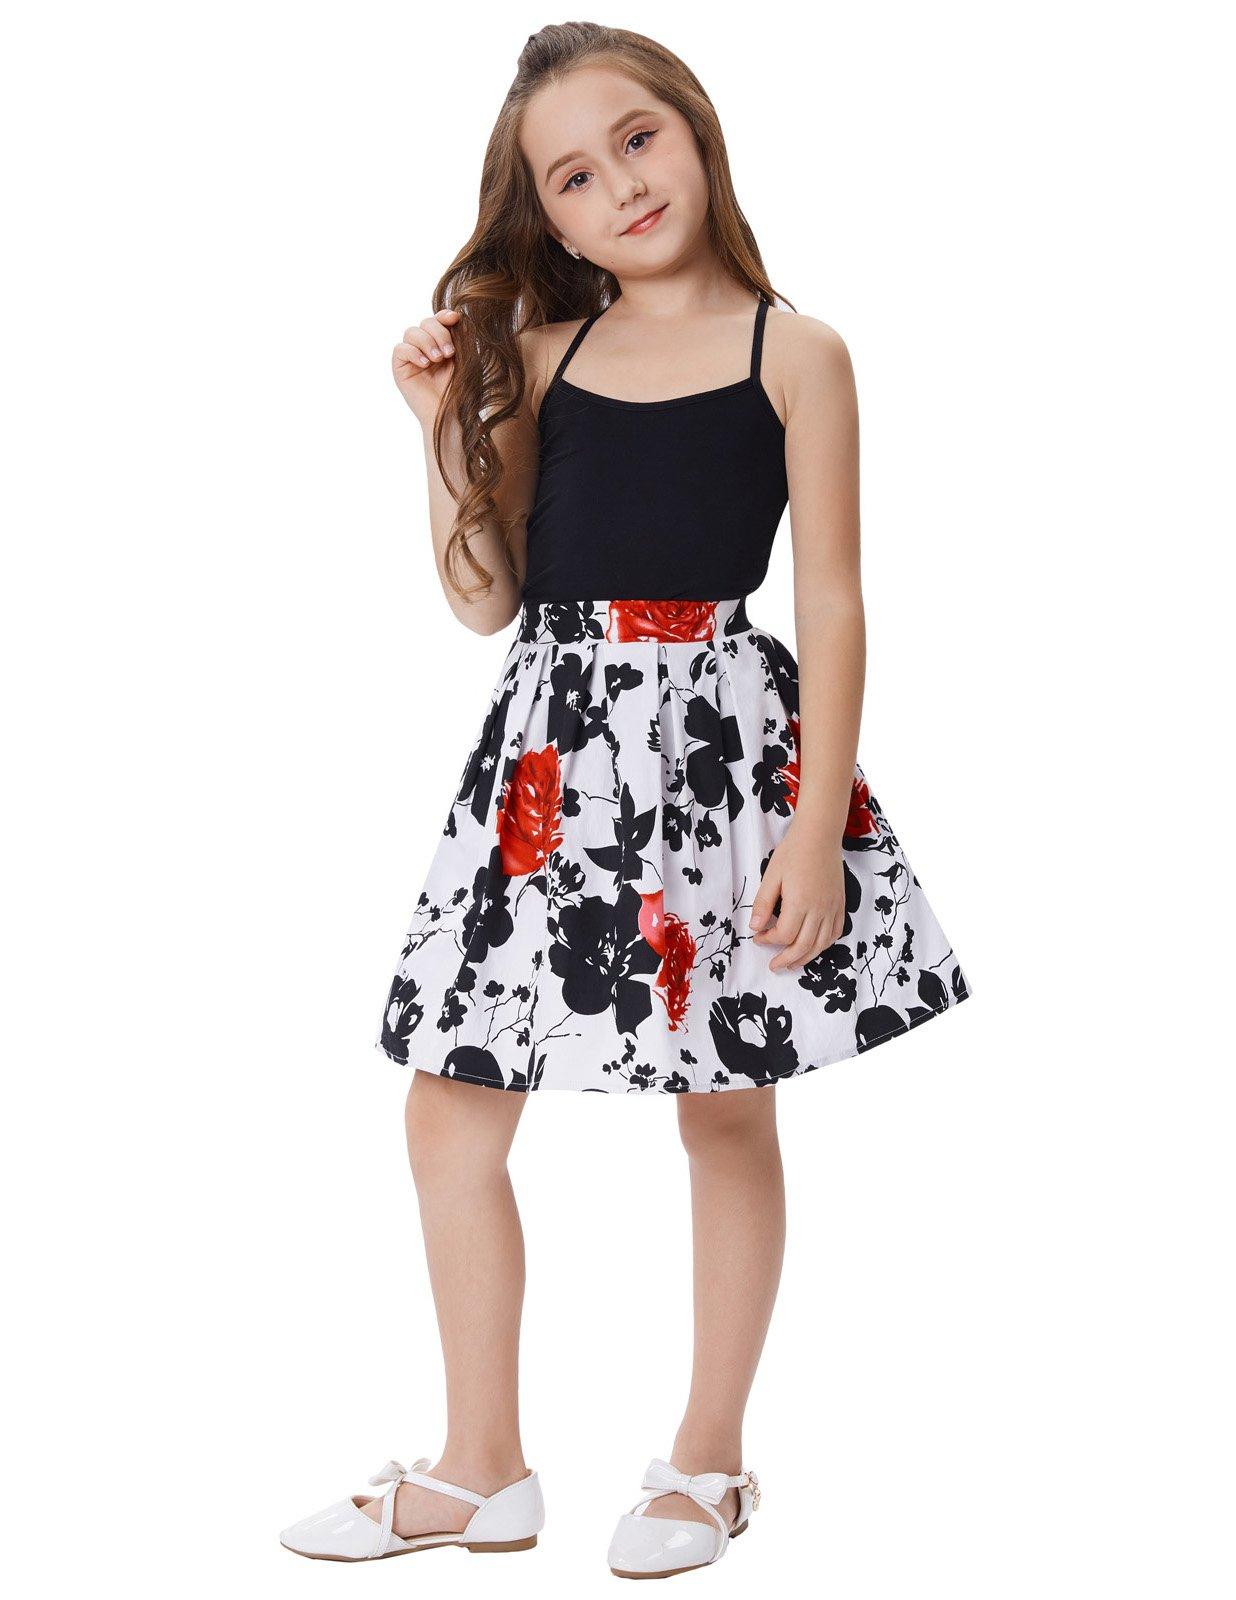 Flowerpower schöne Mädchen Röcke retro